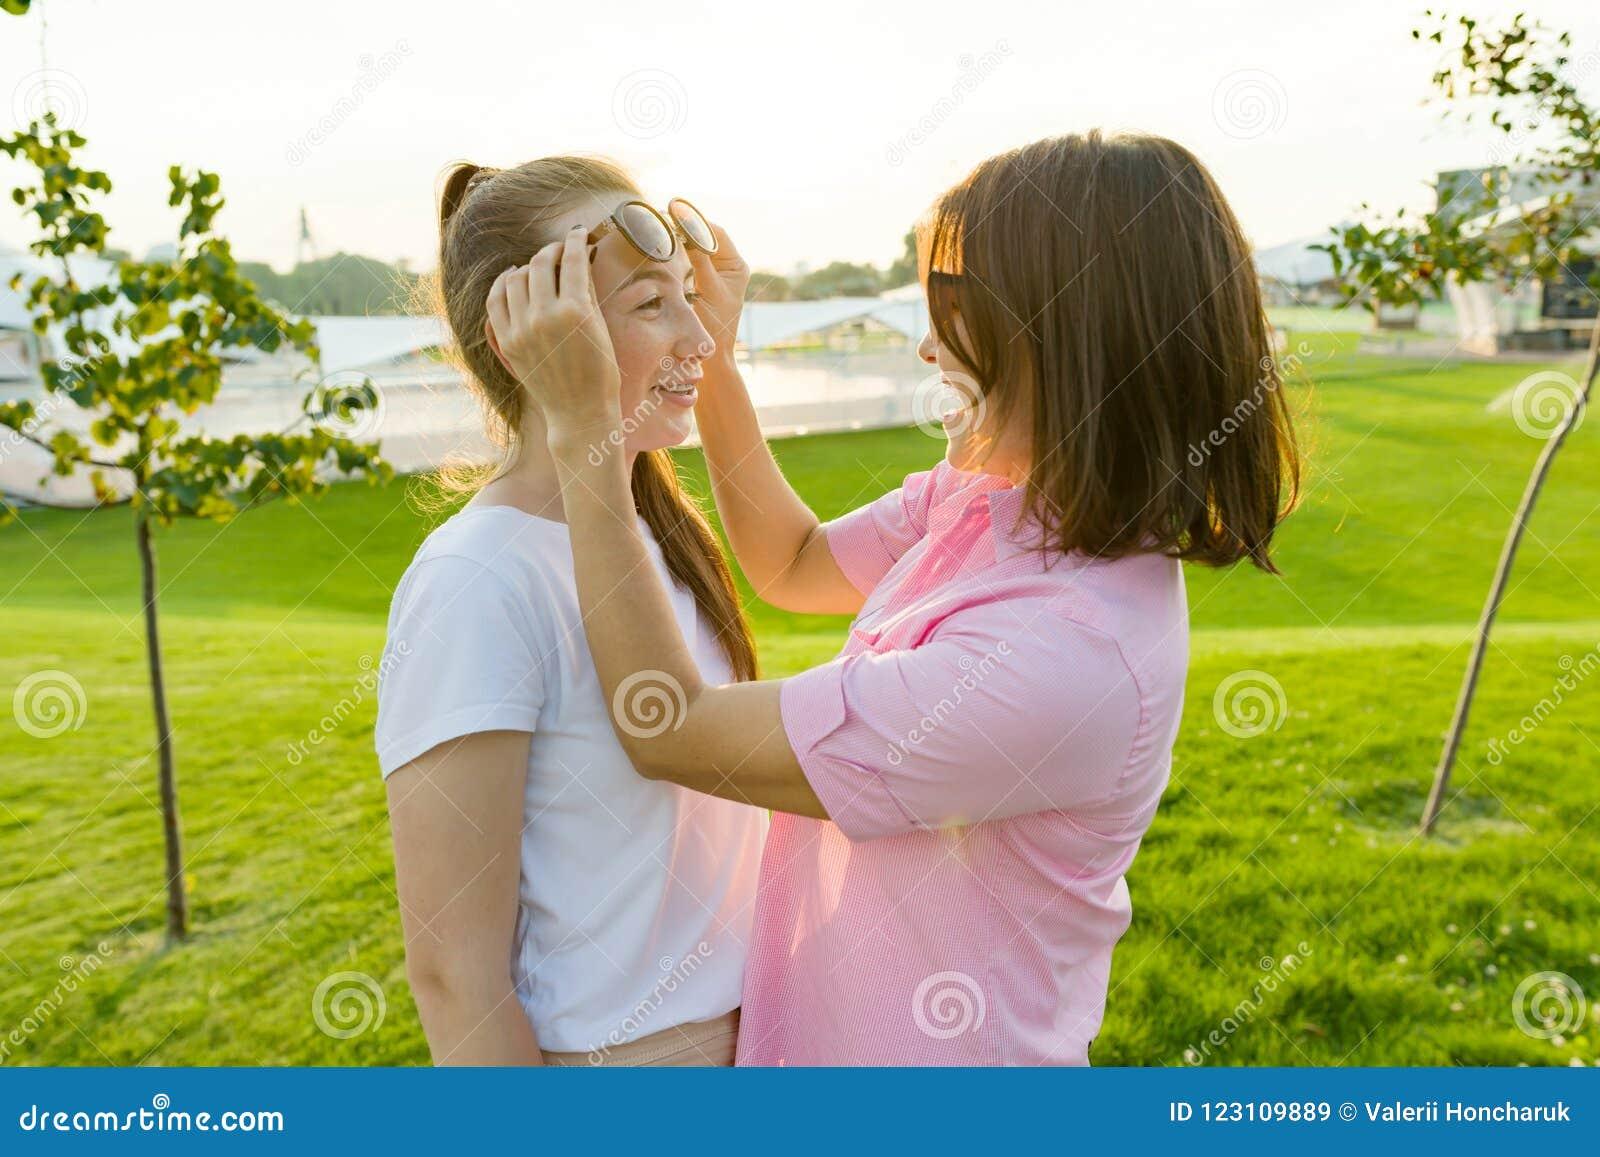 Η επικοινωνία του γονέα και του εφήβου, μητέρα έχει τη διασκέδαση με την κόρη της Χορτοτάπητας, αναψυχή και ψυχαγωγία υποβάθρου π